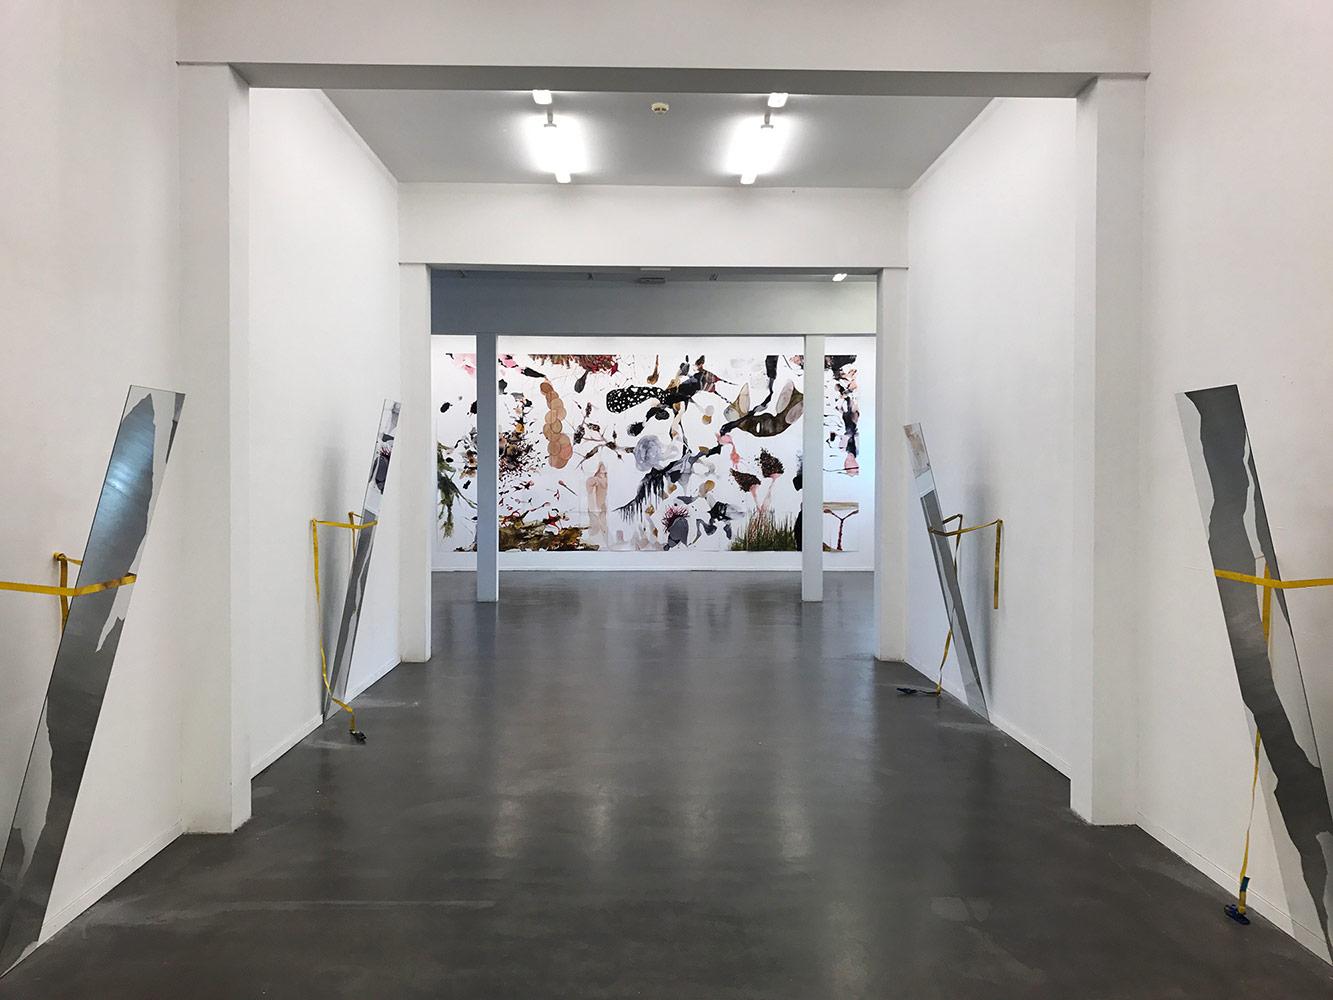 Kleines All - Mischtechnik auf Karton - 350 x 700 cm - Ausstellungsansicht Kunstraum 2016/2017- im Vordergrund Spiegelinstallation von Alex Lebus /Berlin